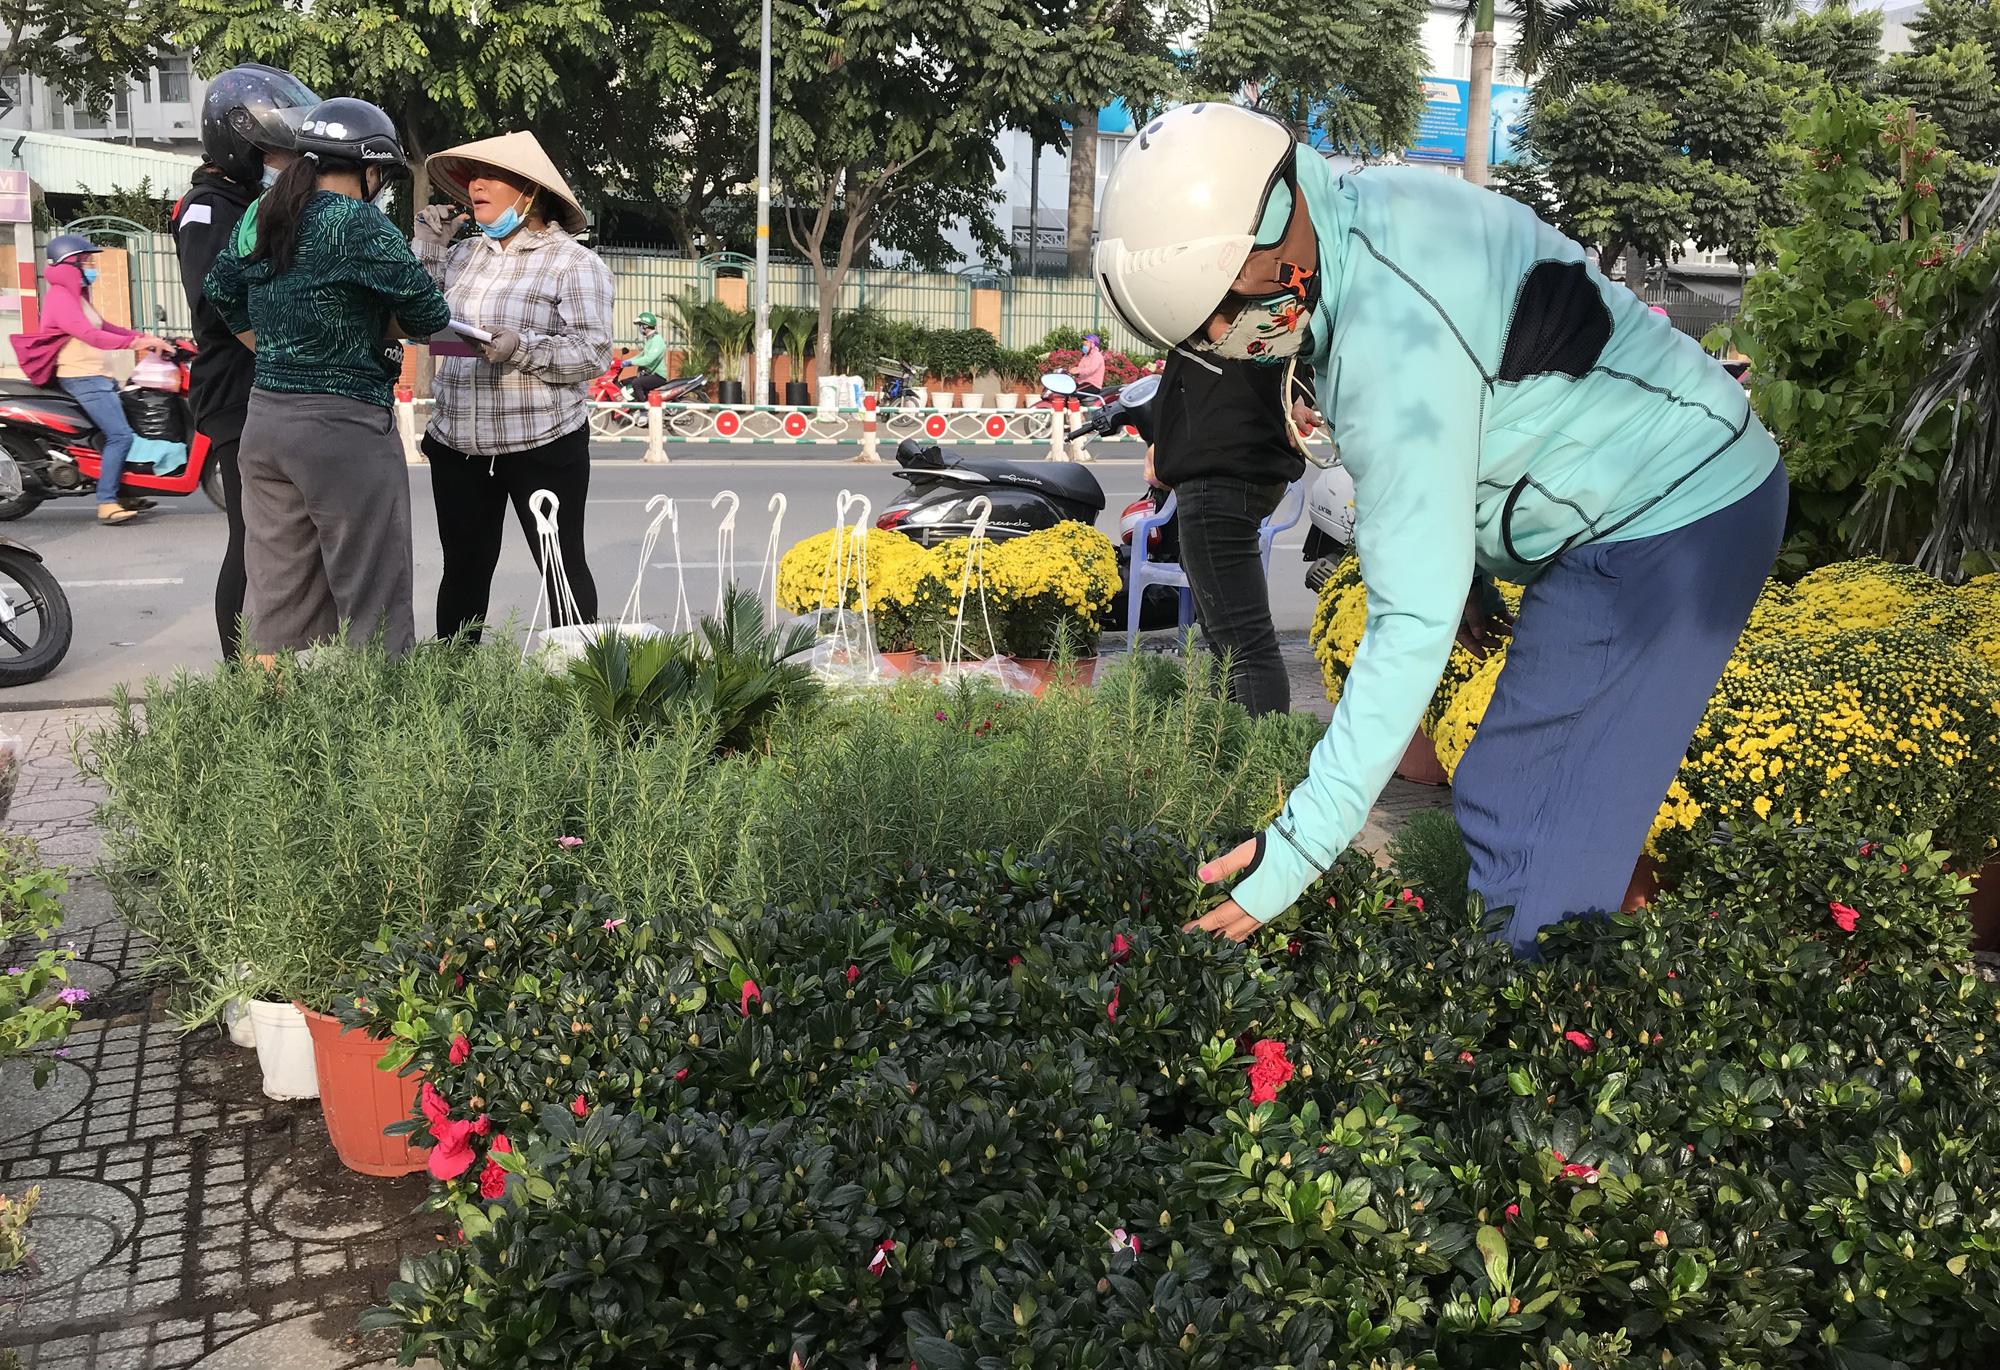 Hoa kiểng Tết đã bán tại Sài Gòn, tranh thủ giá rẻ, nhiều người đi mua sớm - Ảnh 5.